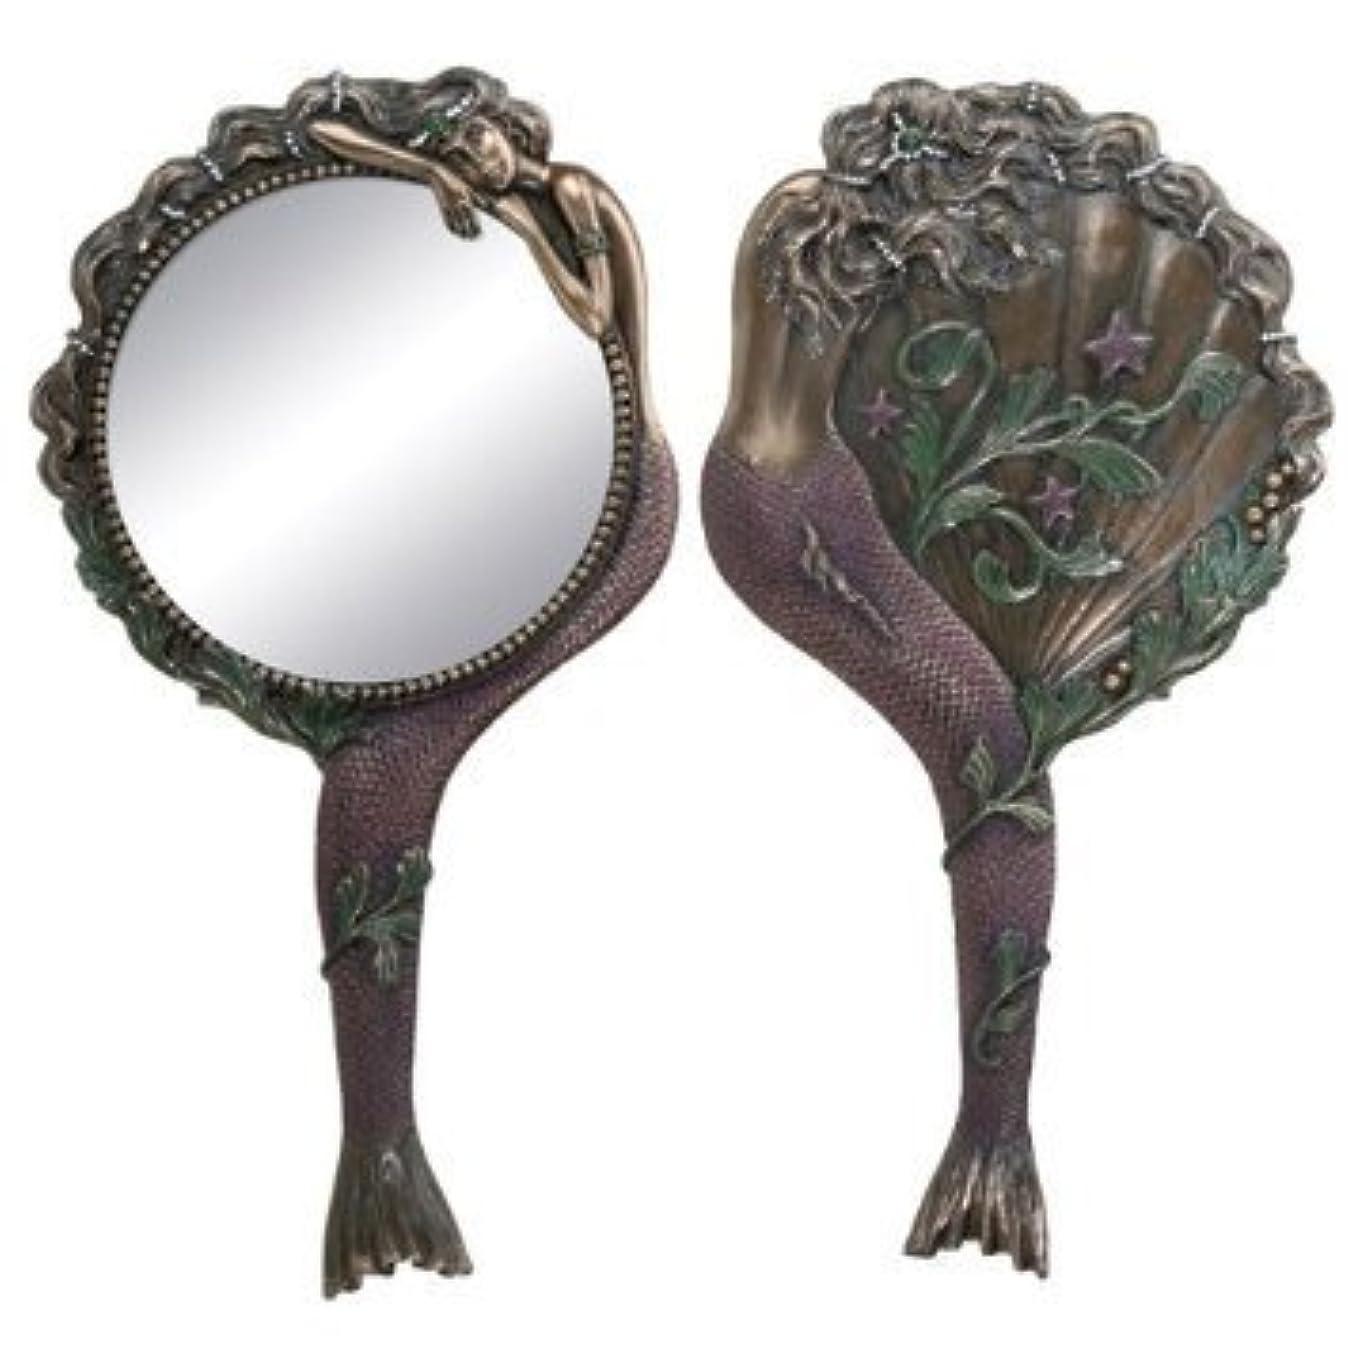 乳白成功するブレークArt Nouveau Collectible Mermaid Hand Mirror Nymph Decoration by Summit